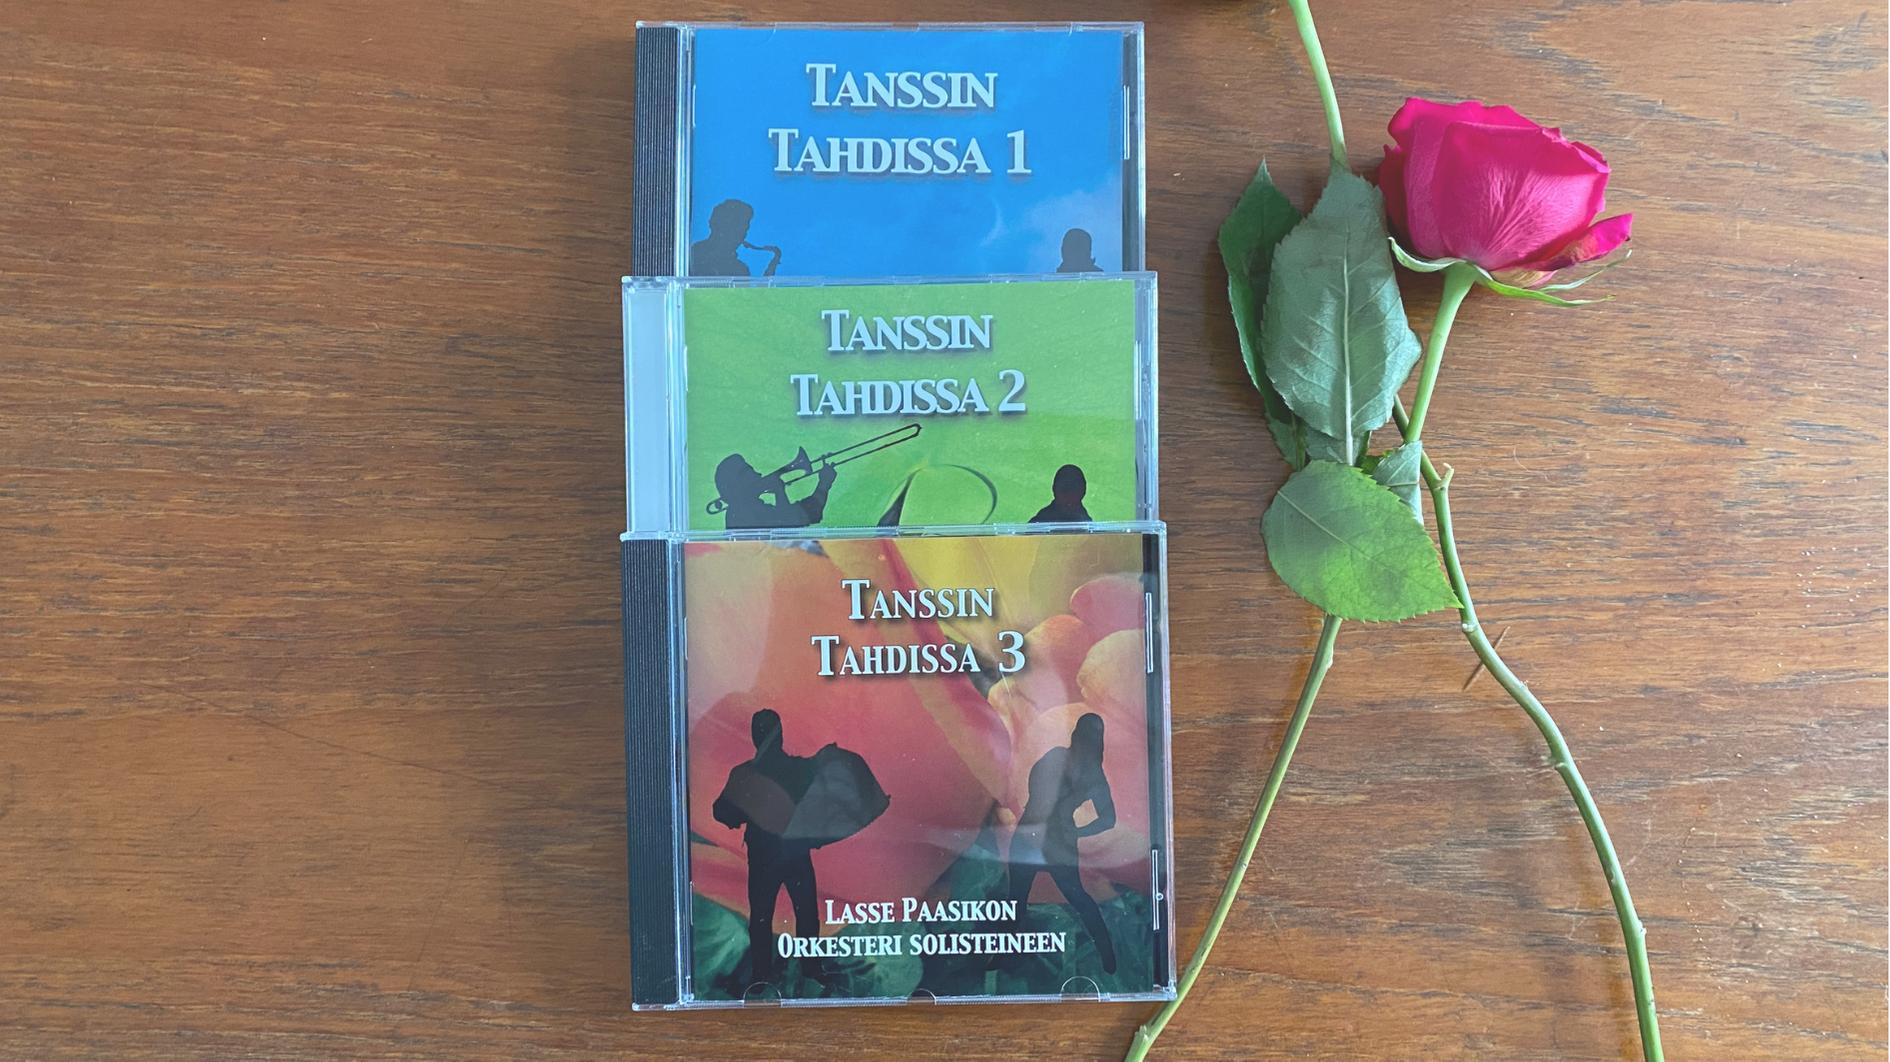 Tanssin Tahdissa CD kokoelma